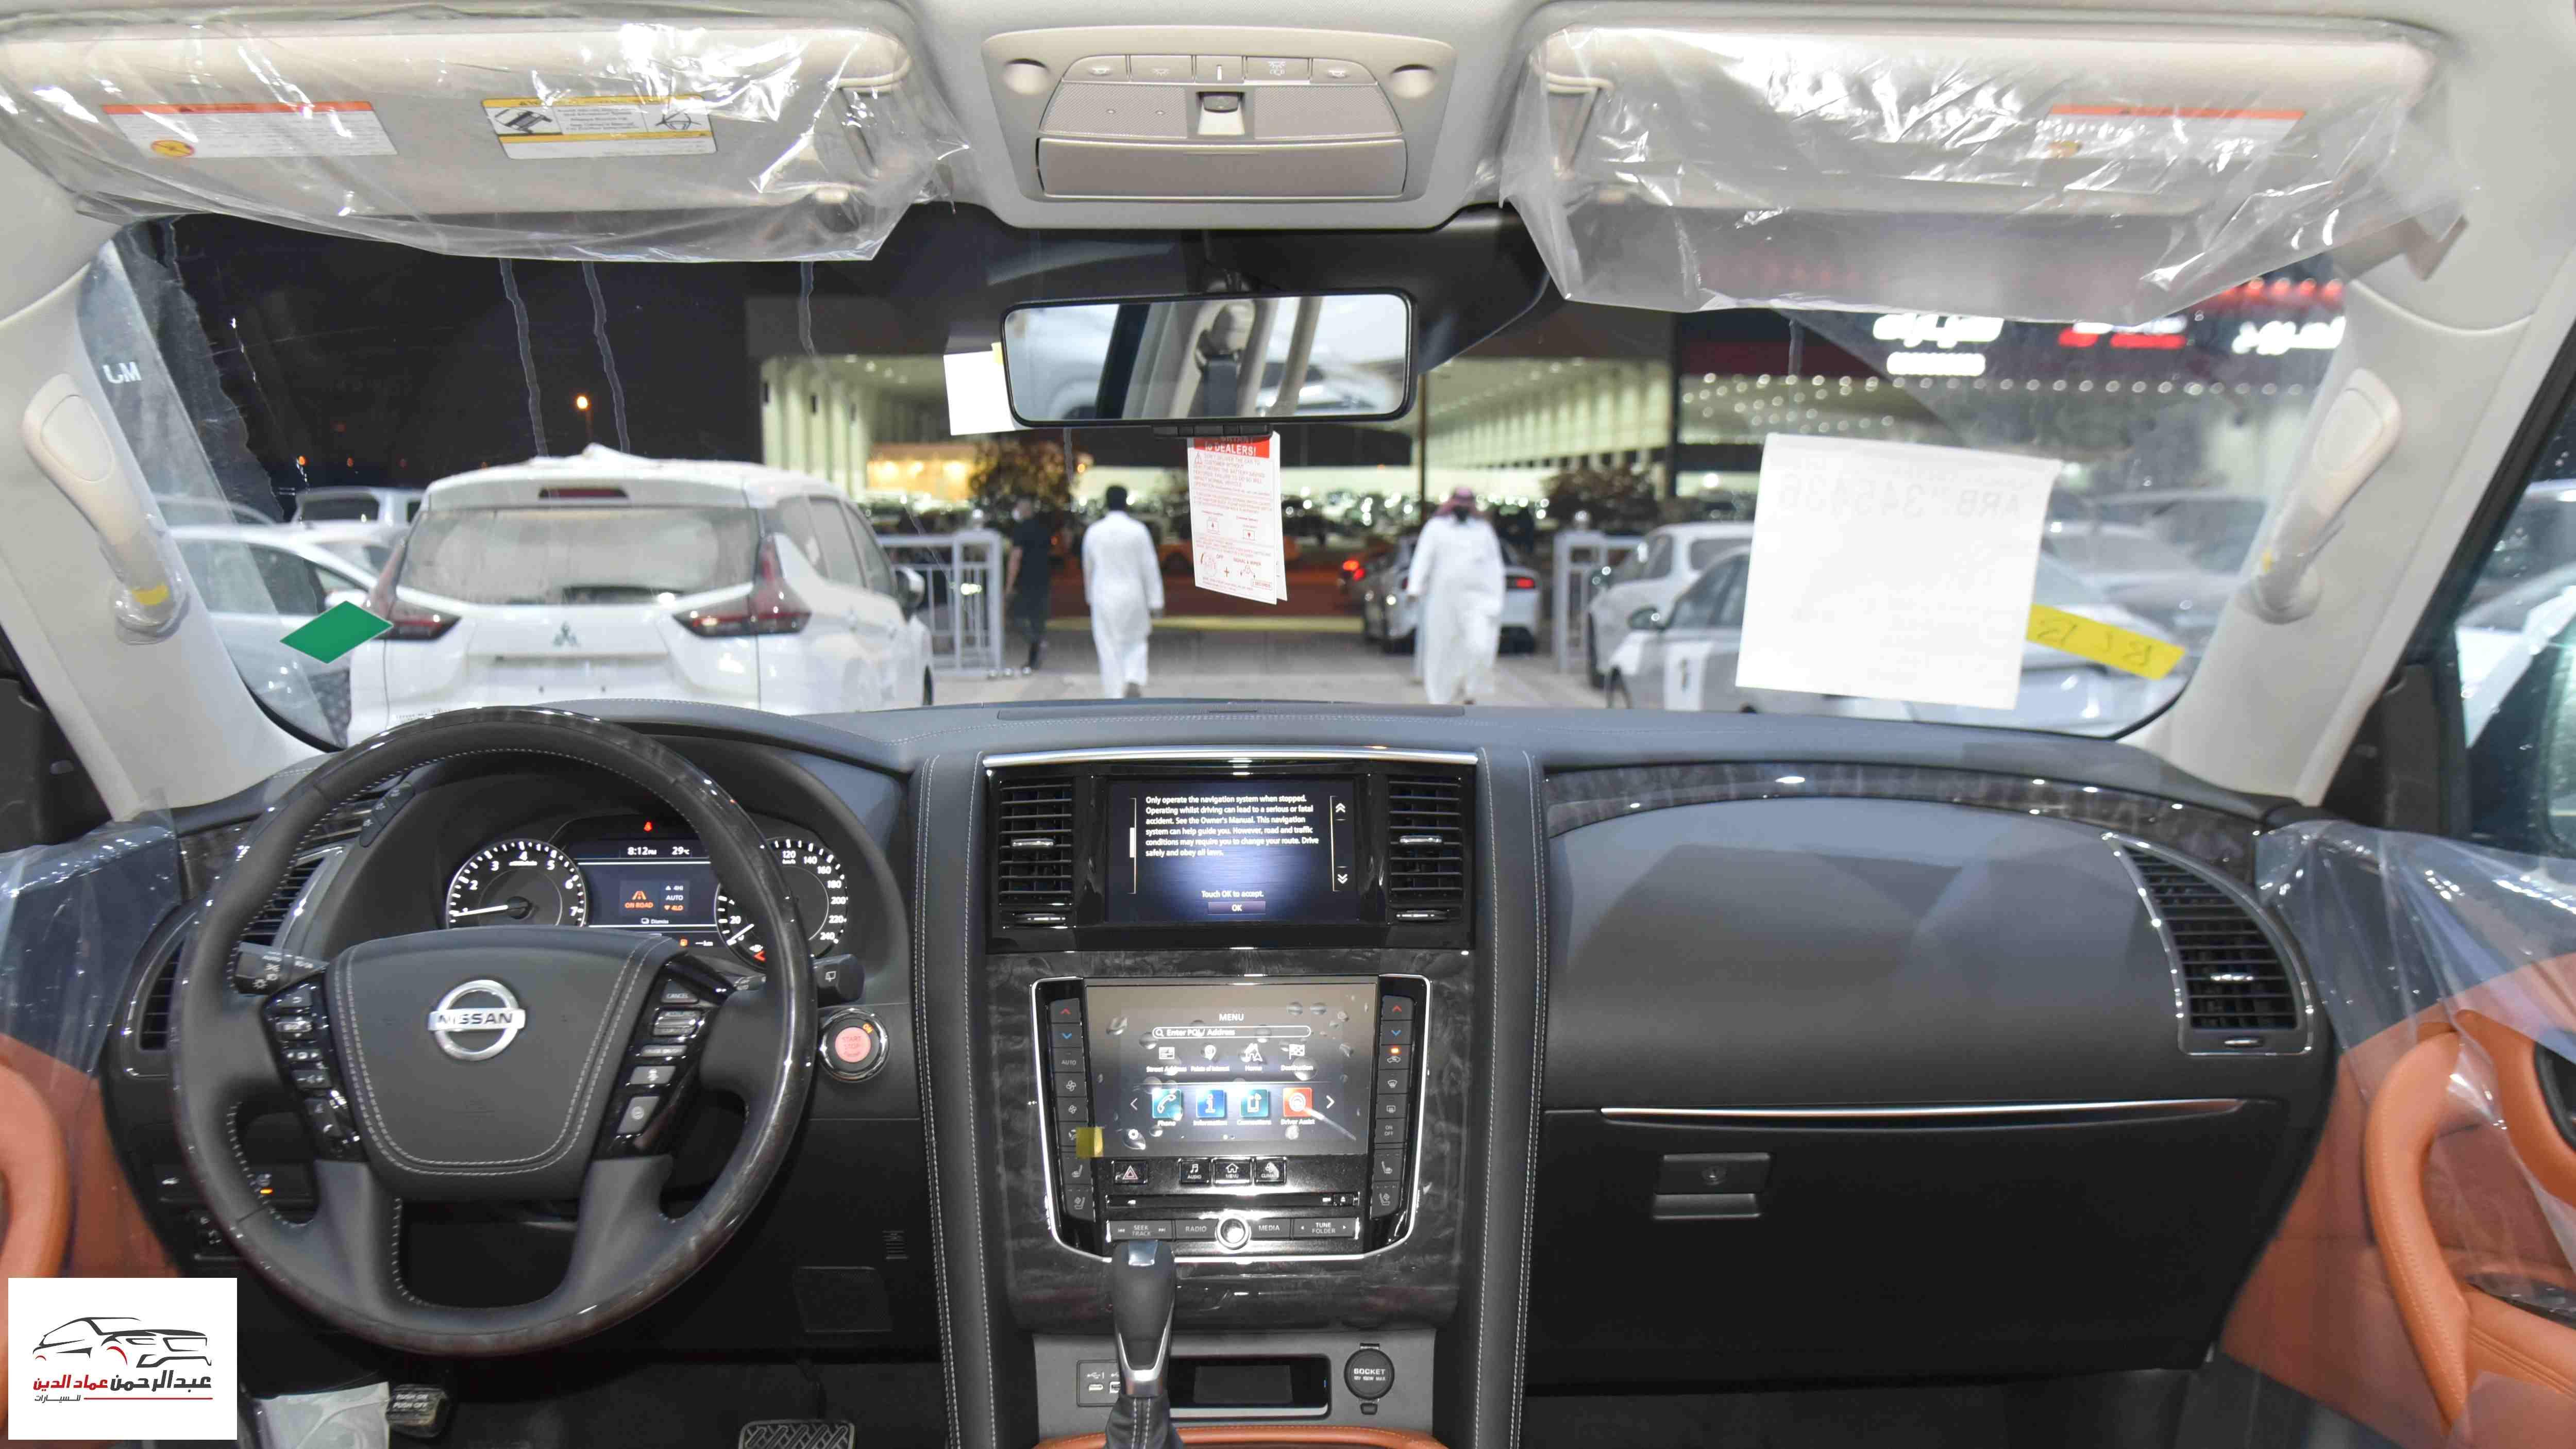 نيسان باترول 2021 V6  بلاتينيوم  SE  سعودي جديد  للبيع في الرياض - السعودية - صورة كبيرة - 10